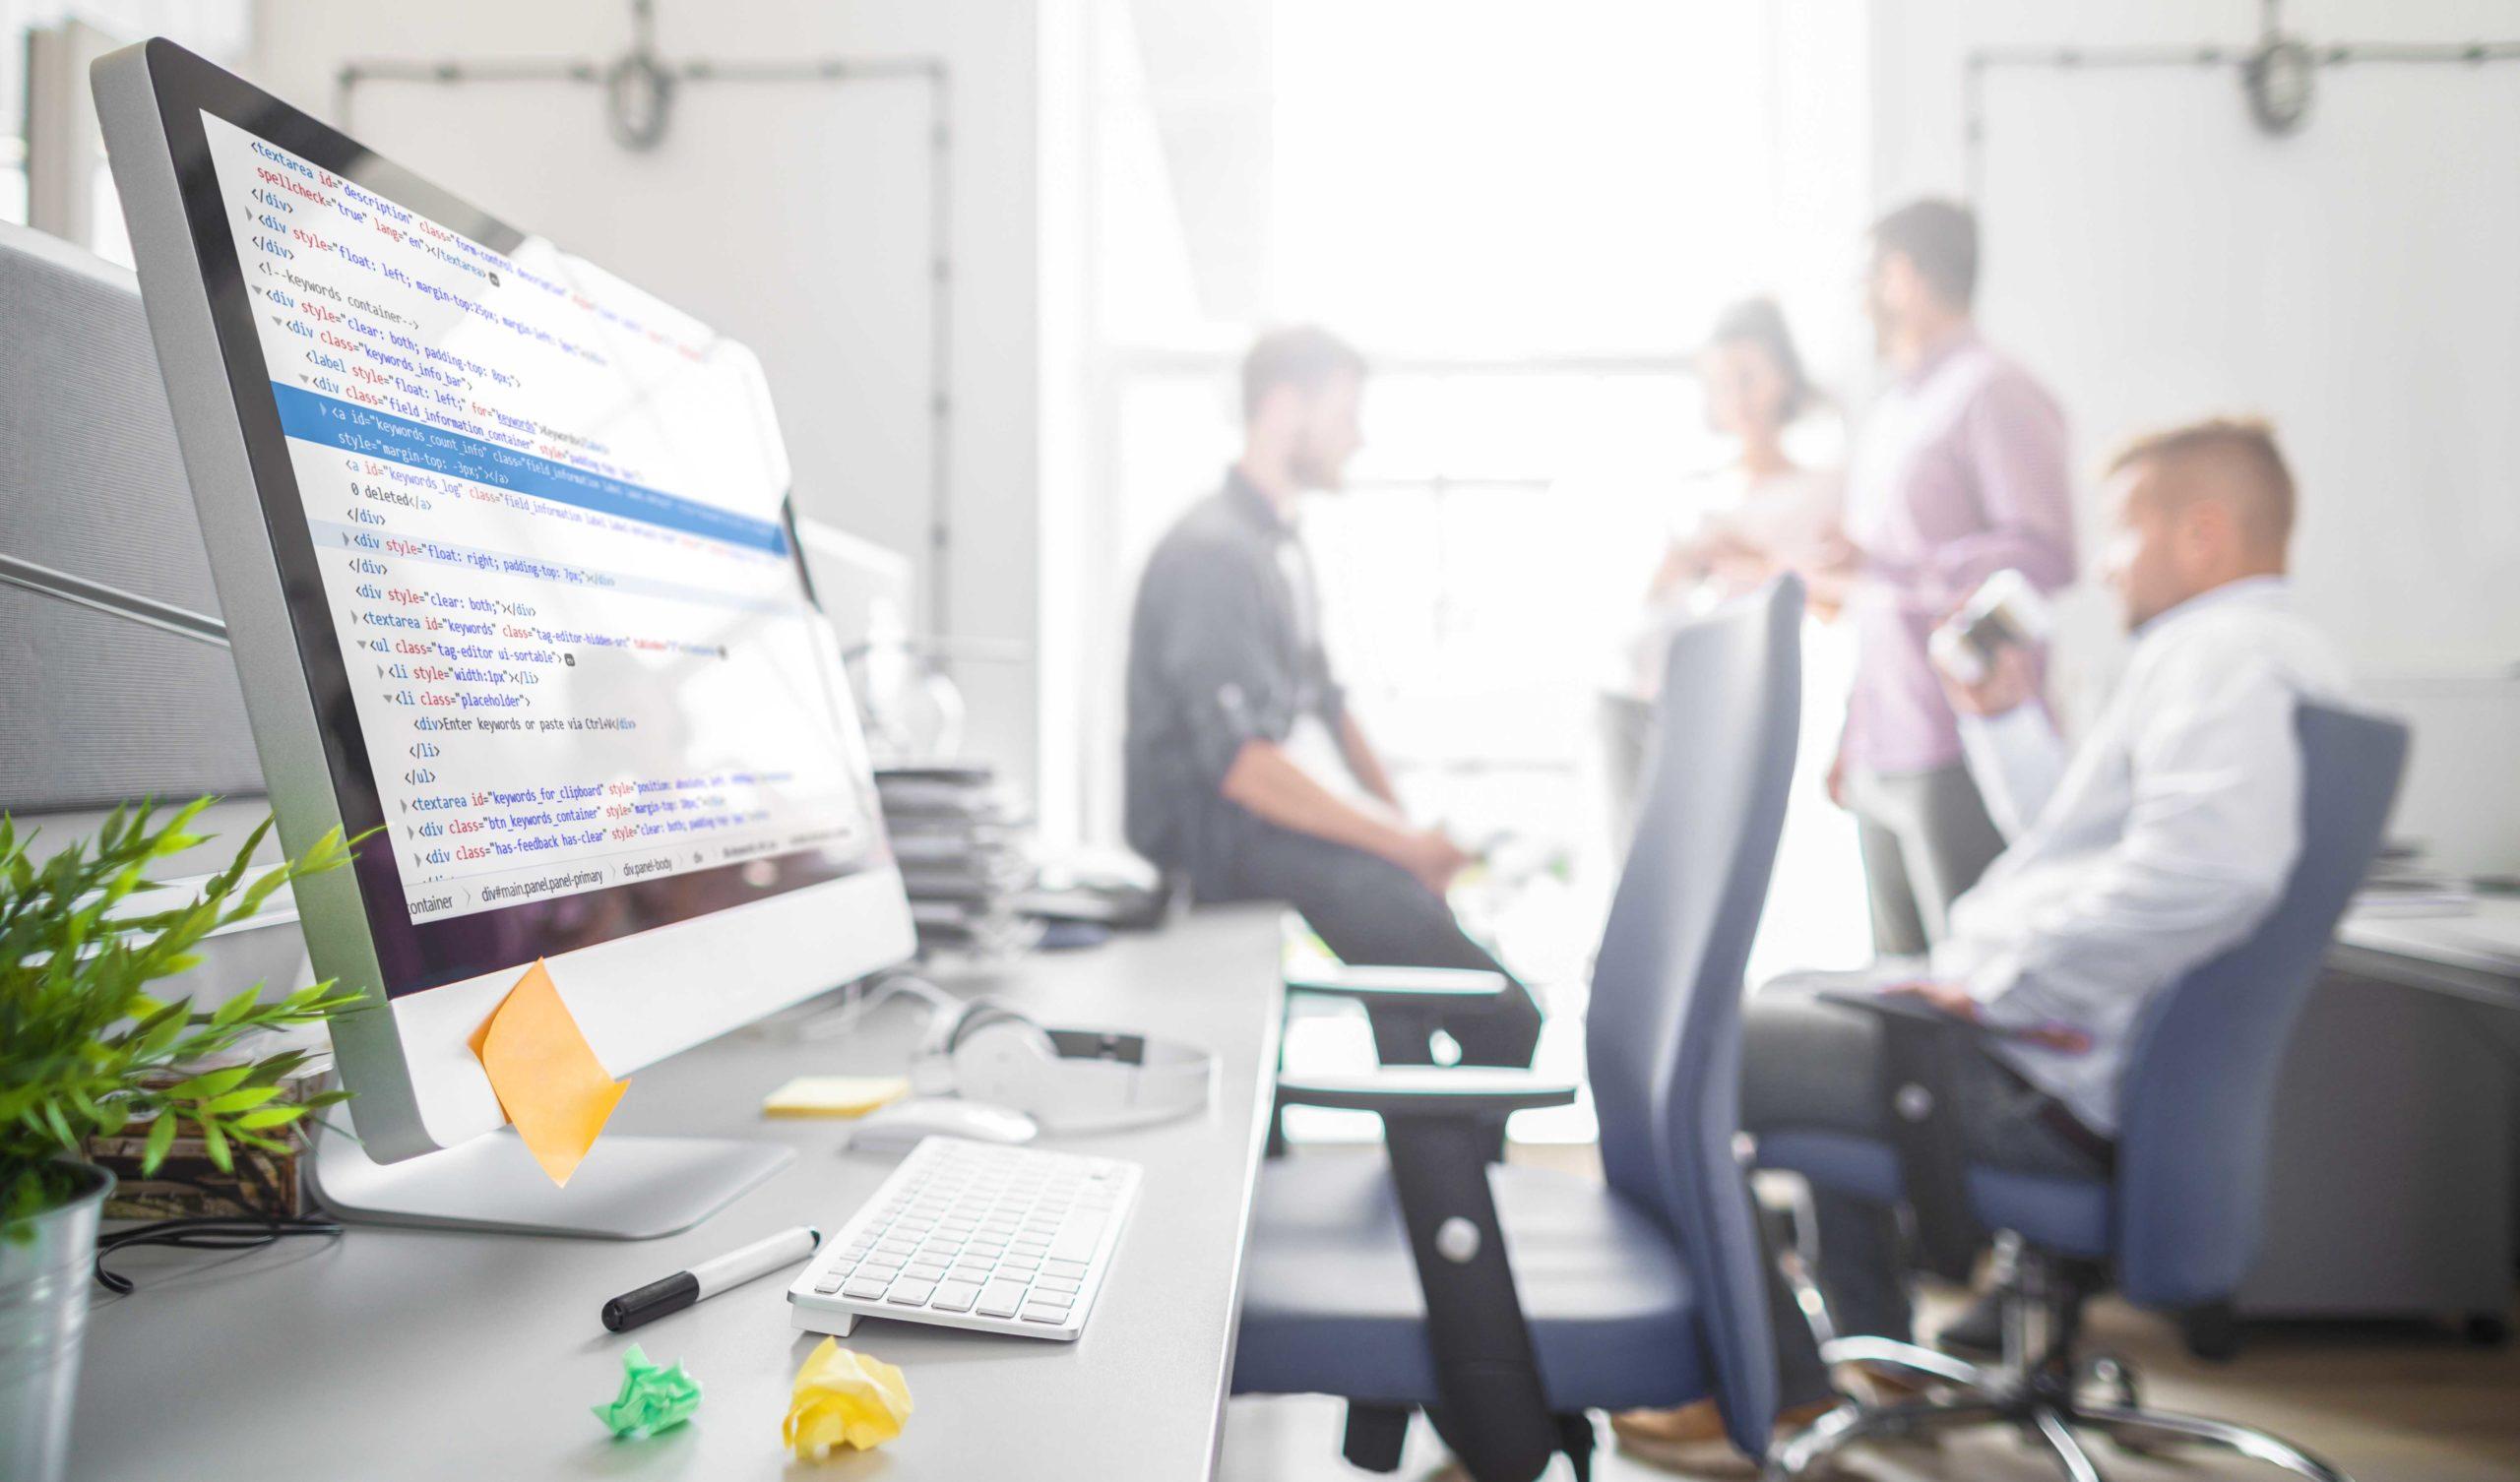 intiba-digitalagentur-villingen-schwenningen-Digitalisierung Unternehmen